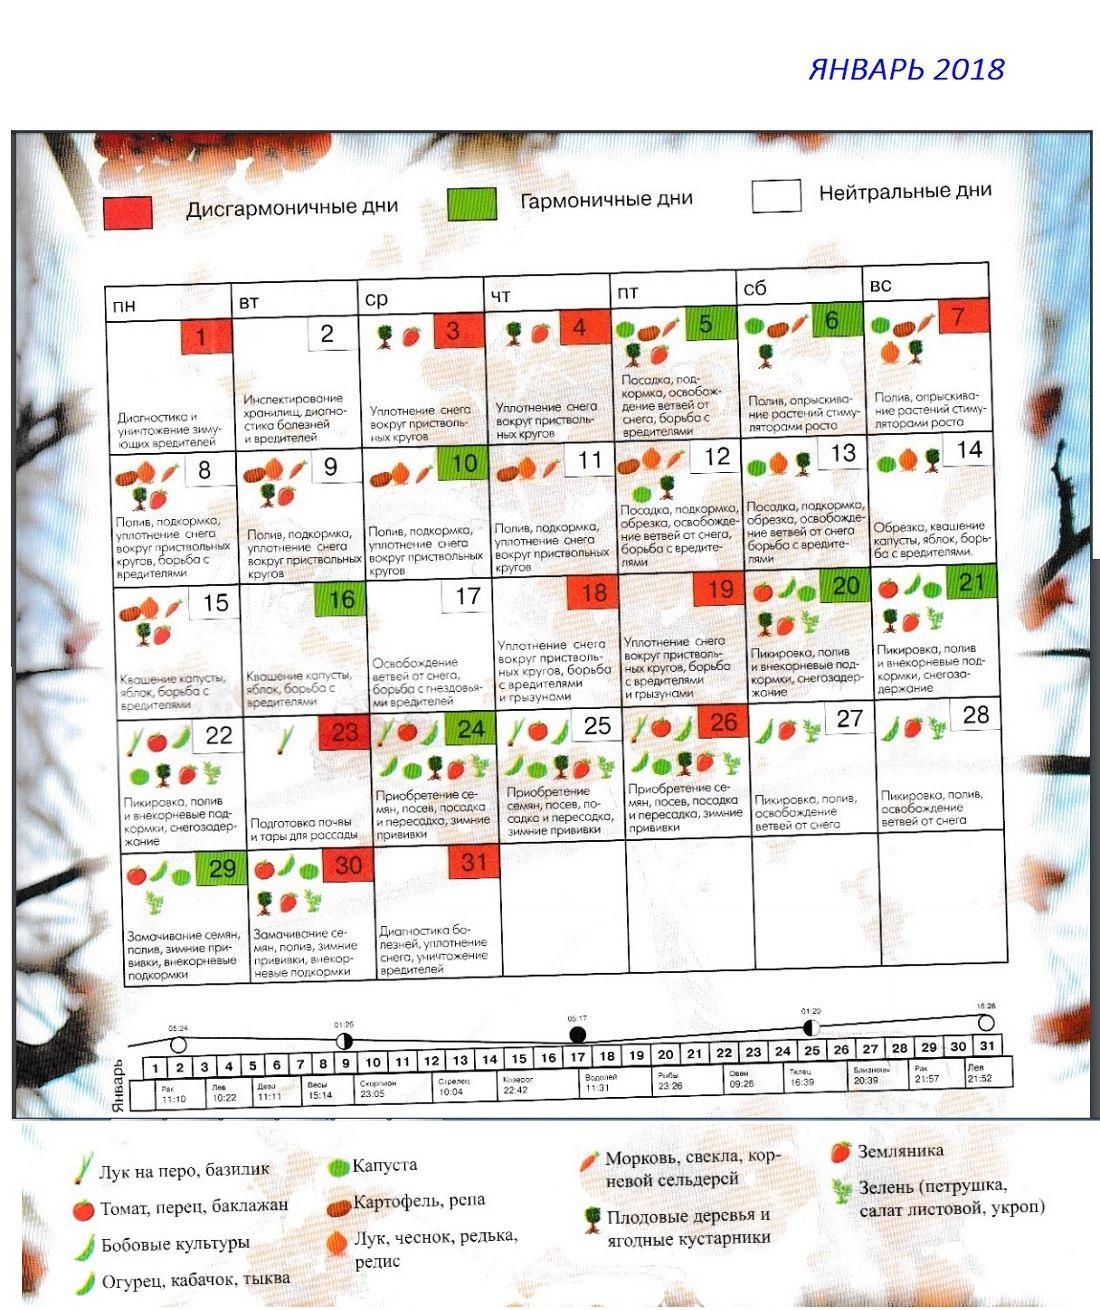 календарь садовода и огородника яннварь 2018